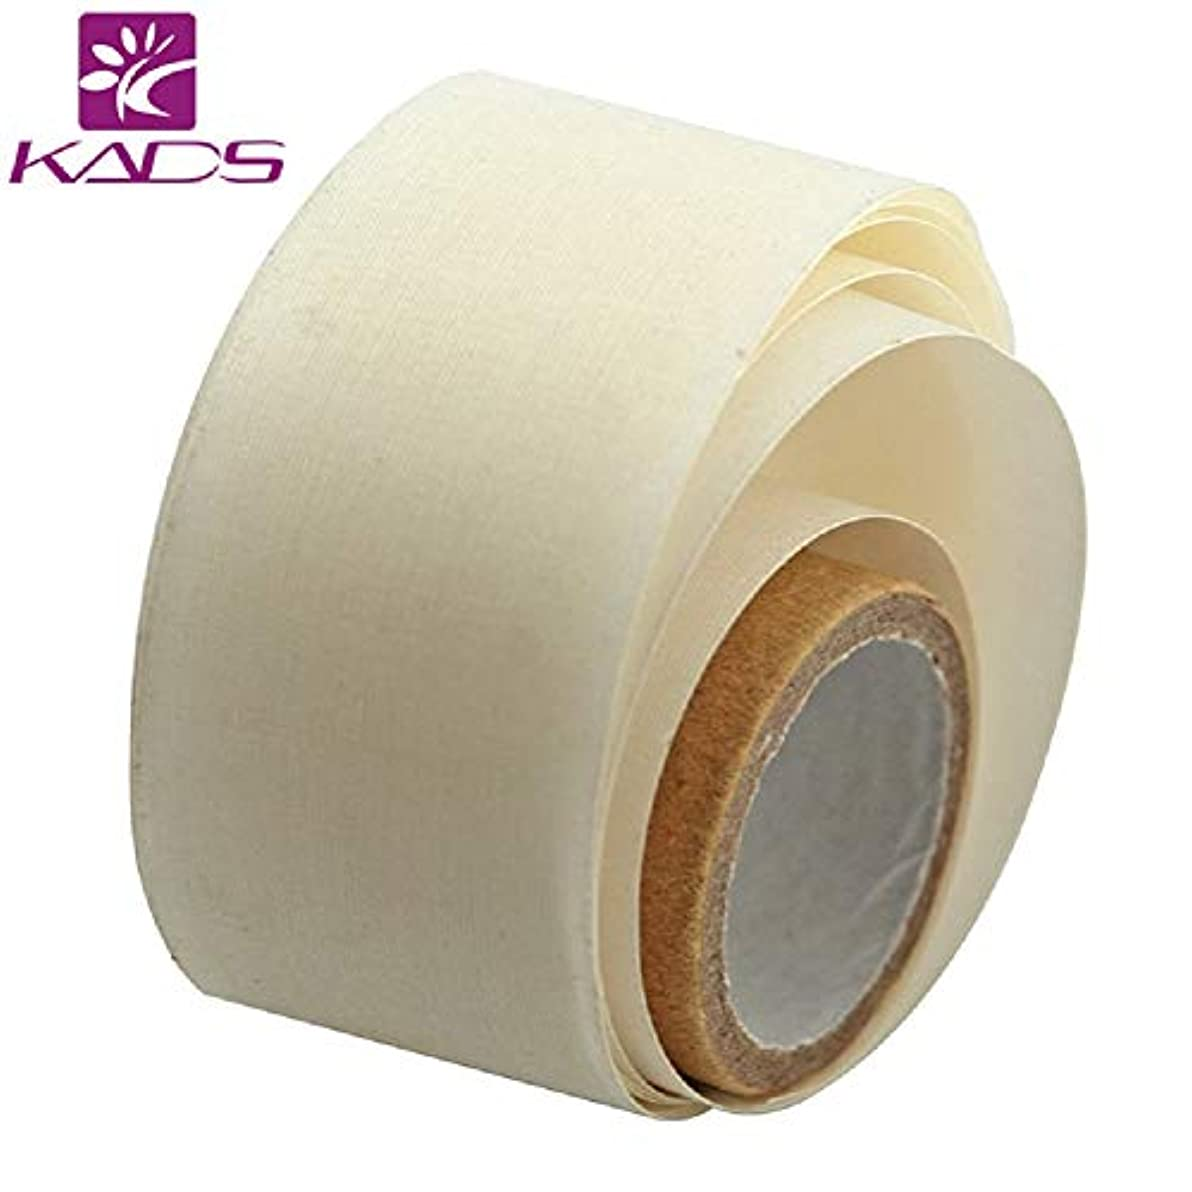 バイナリ楽しませるナイトスポットKADS ネイルシルクテープ ネイルリペアテープペラ用 爪の補修 ジェルアクリルネイルアートツール